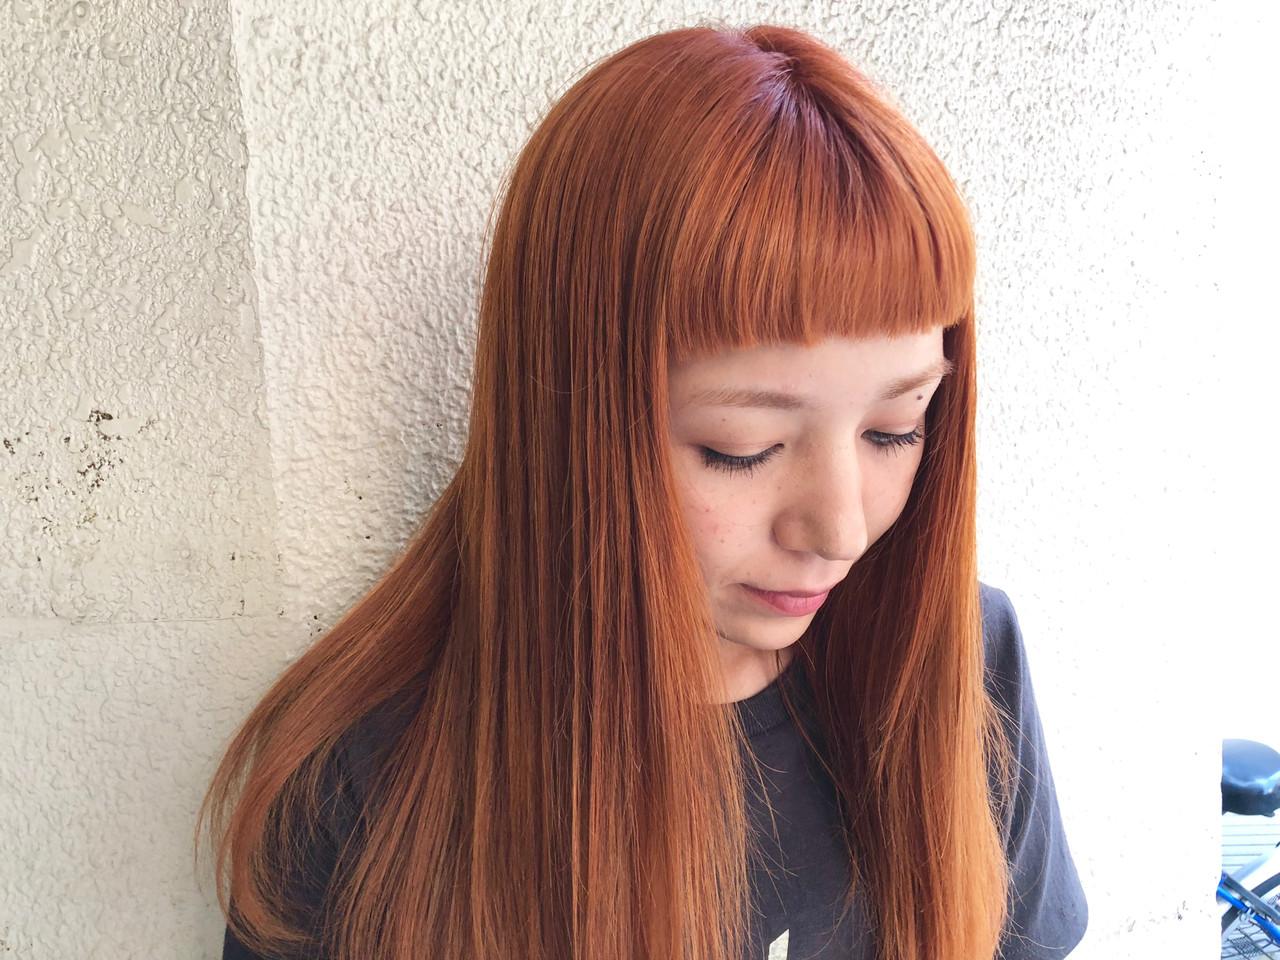 オレンジ アプリコットオレンジ ダブルカラー オレンジカラー ヘアスタイルや髪型の写真・画像 | ハマノシオリ / ROVERSI